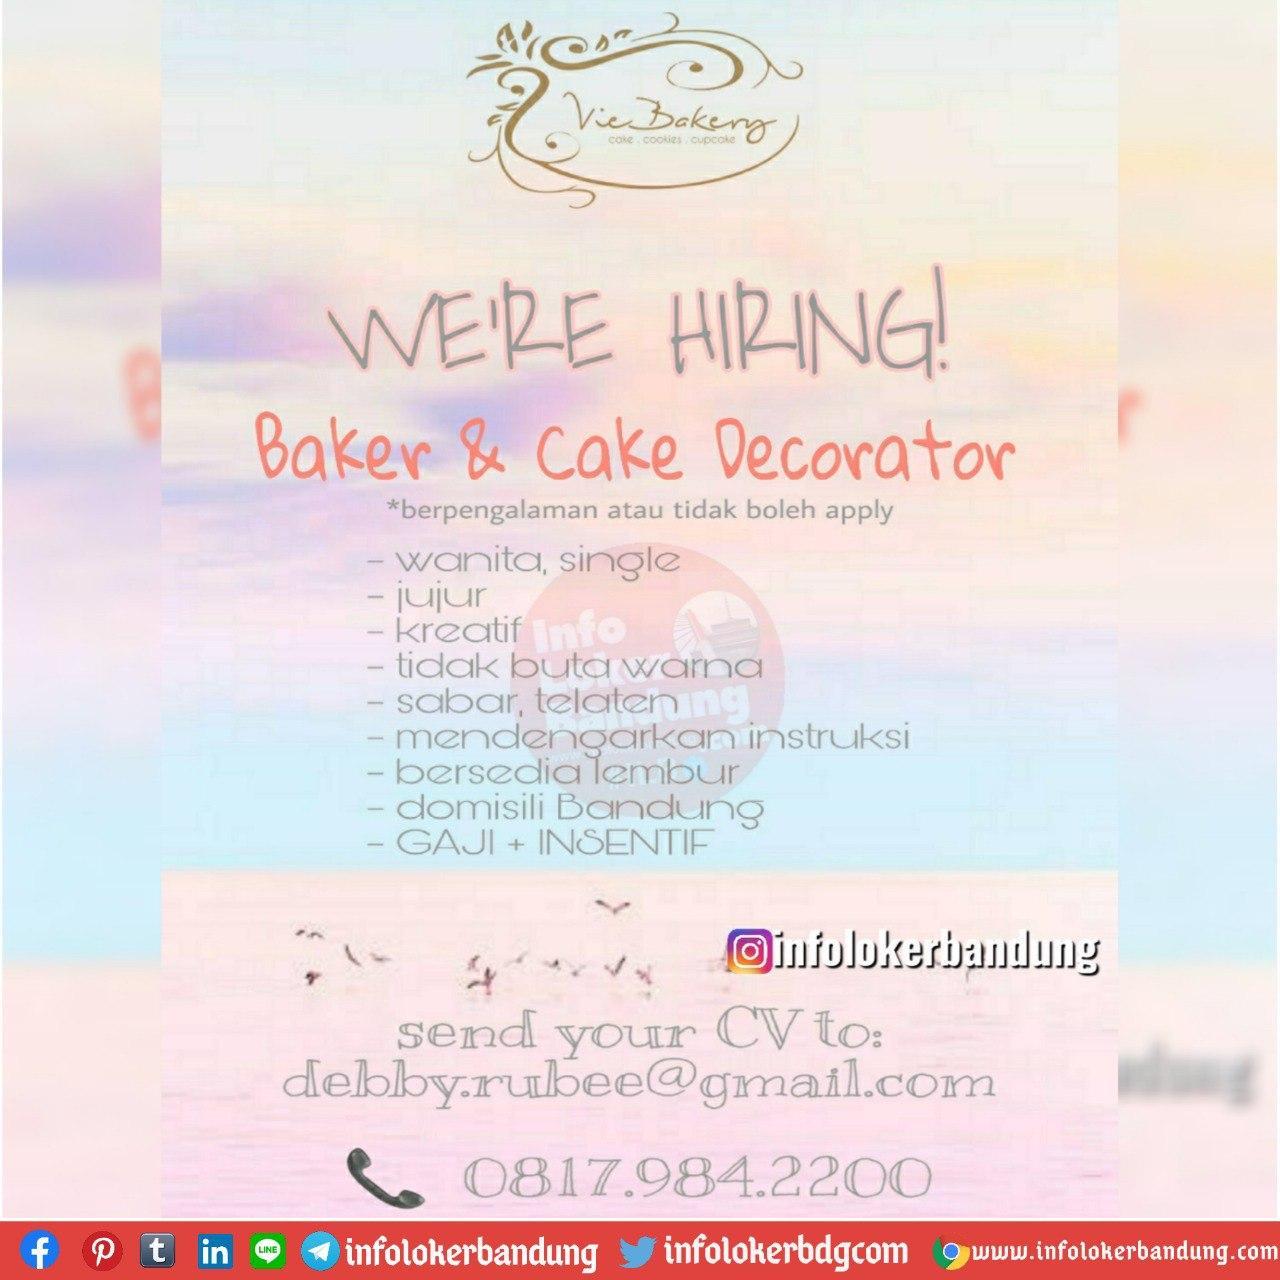 Lowongan Kerja Baker & Cake Decorator Vie Bakery Cake Bandung Juli 2020